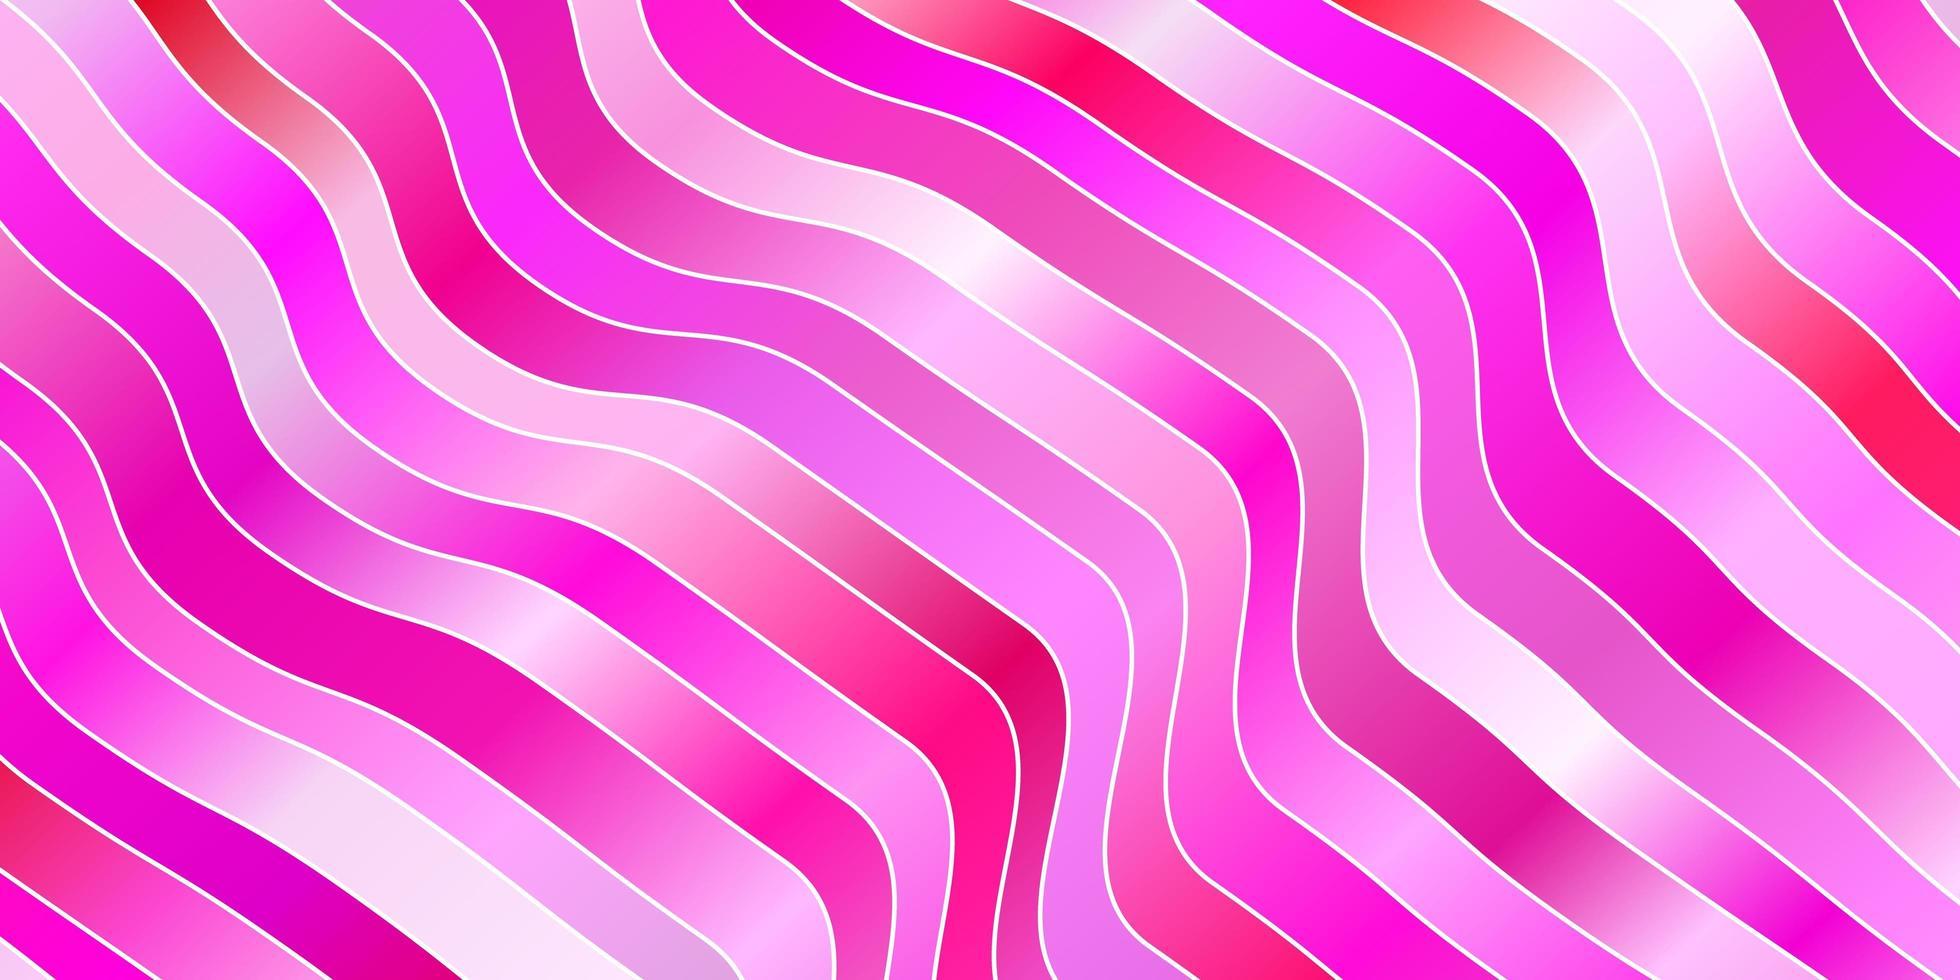 ljusrosa konsistens med kurvor. vektor